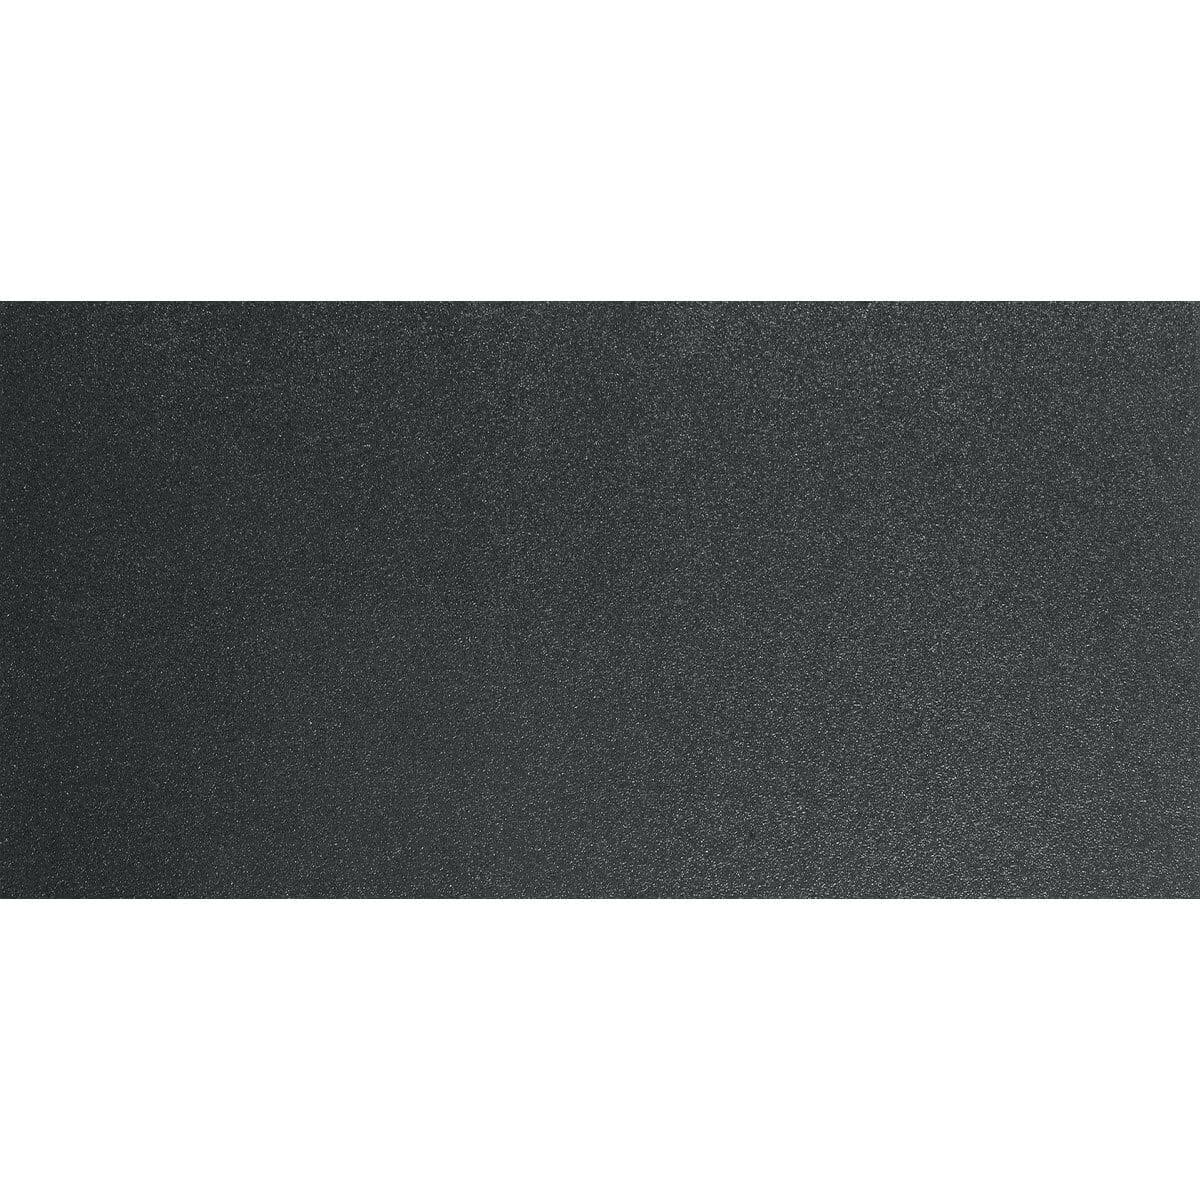 T10483 OMDVJ60F Smart Lux Black 12 X 24 1